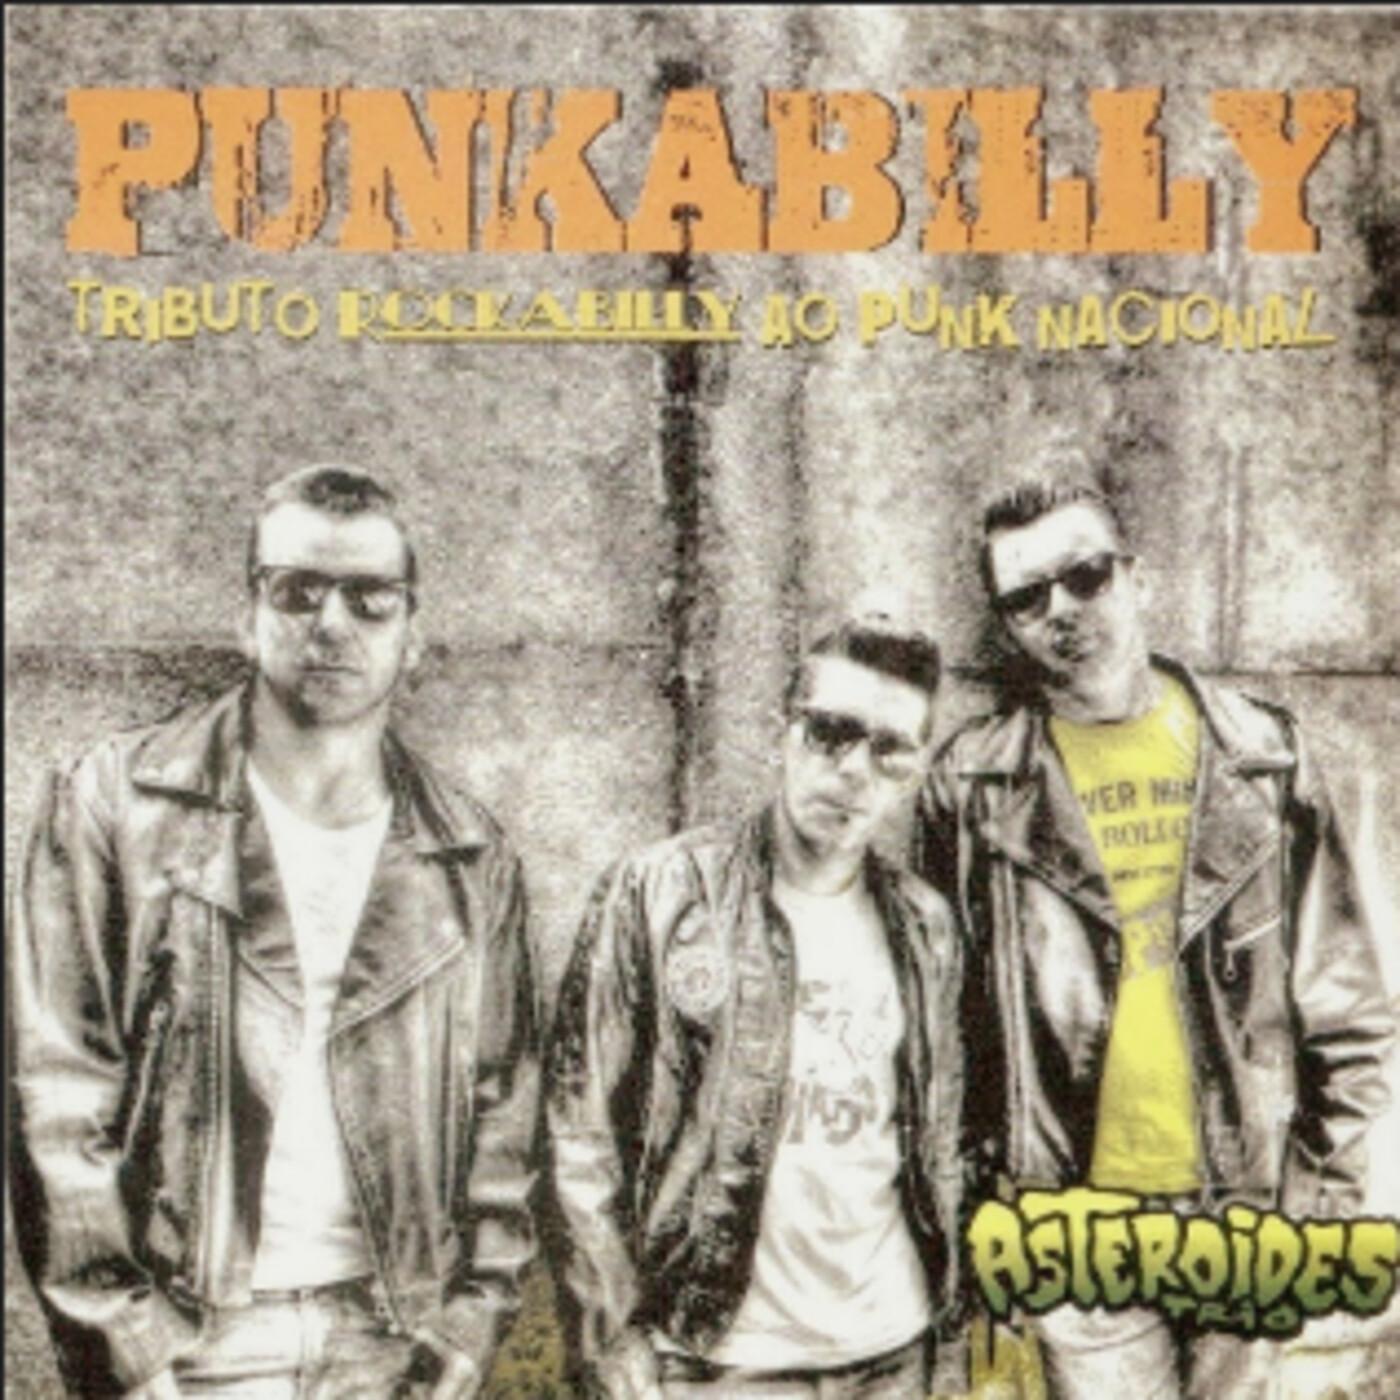 Asteroides Trio - Punkabilly - Tributo rockabilly ao punk nacional